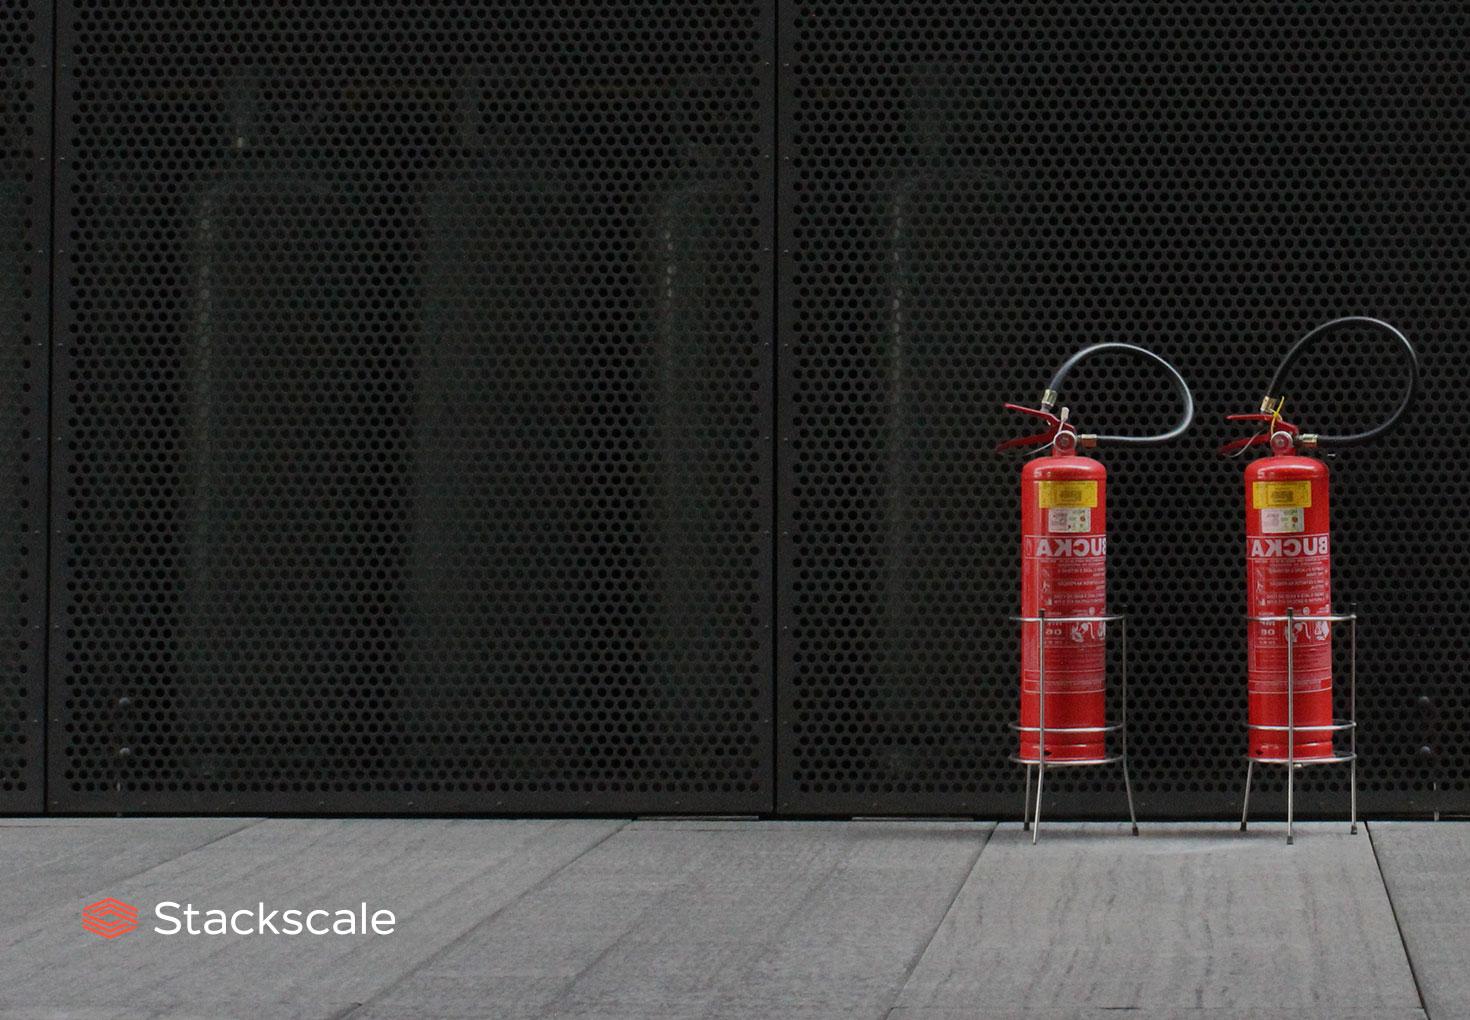 Seguridad contra incendiso en centros de datos